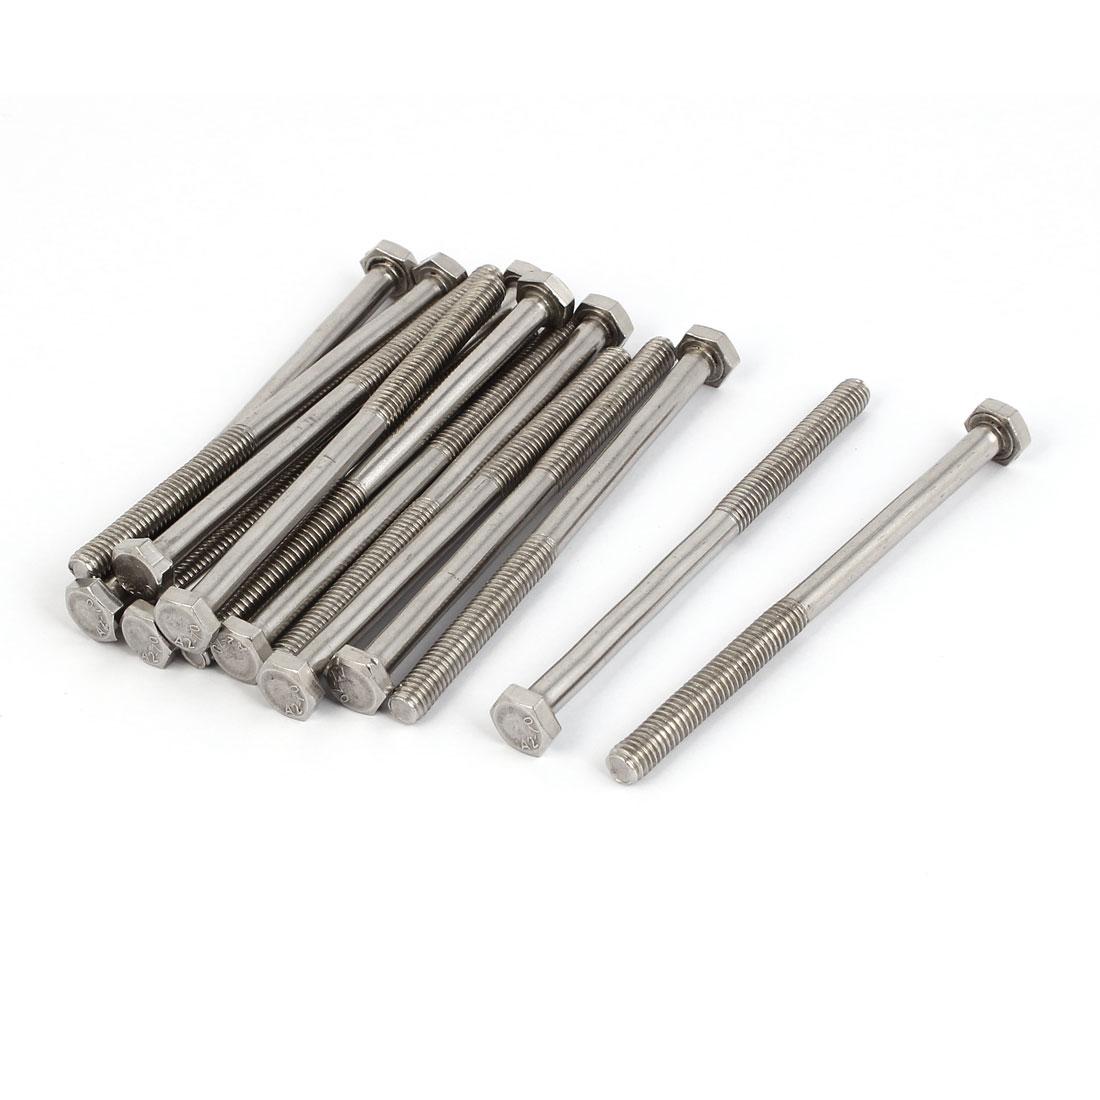 M6 x 90mm x 1mm 38mm Long Thread Stainless Steel Hex Hexagon Screws Bolts 15PCS